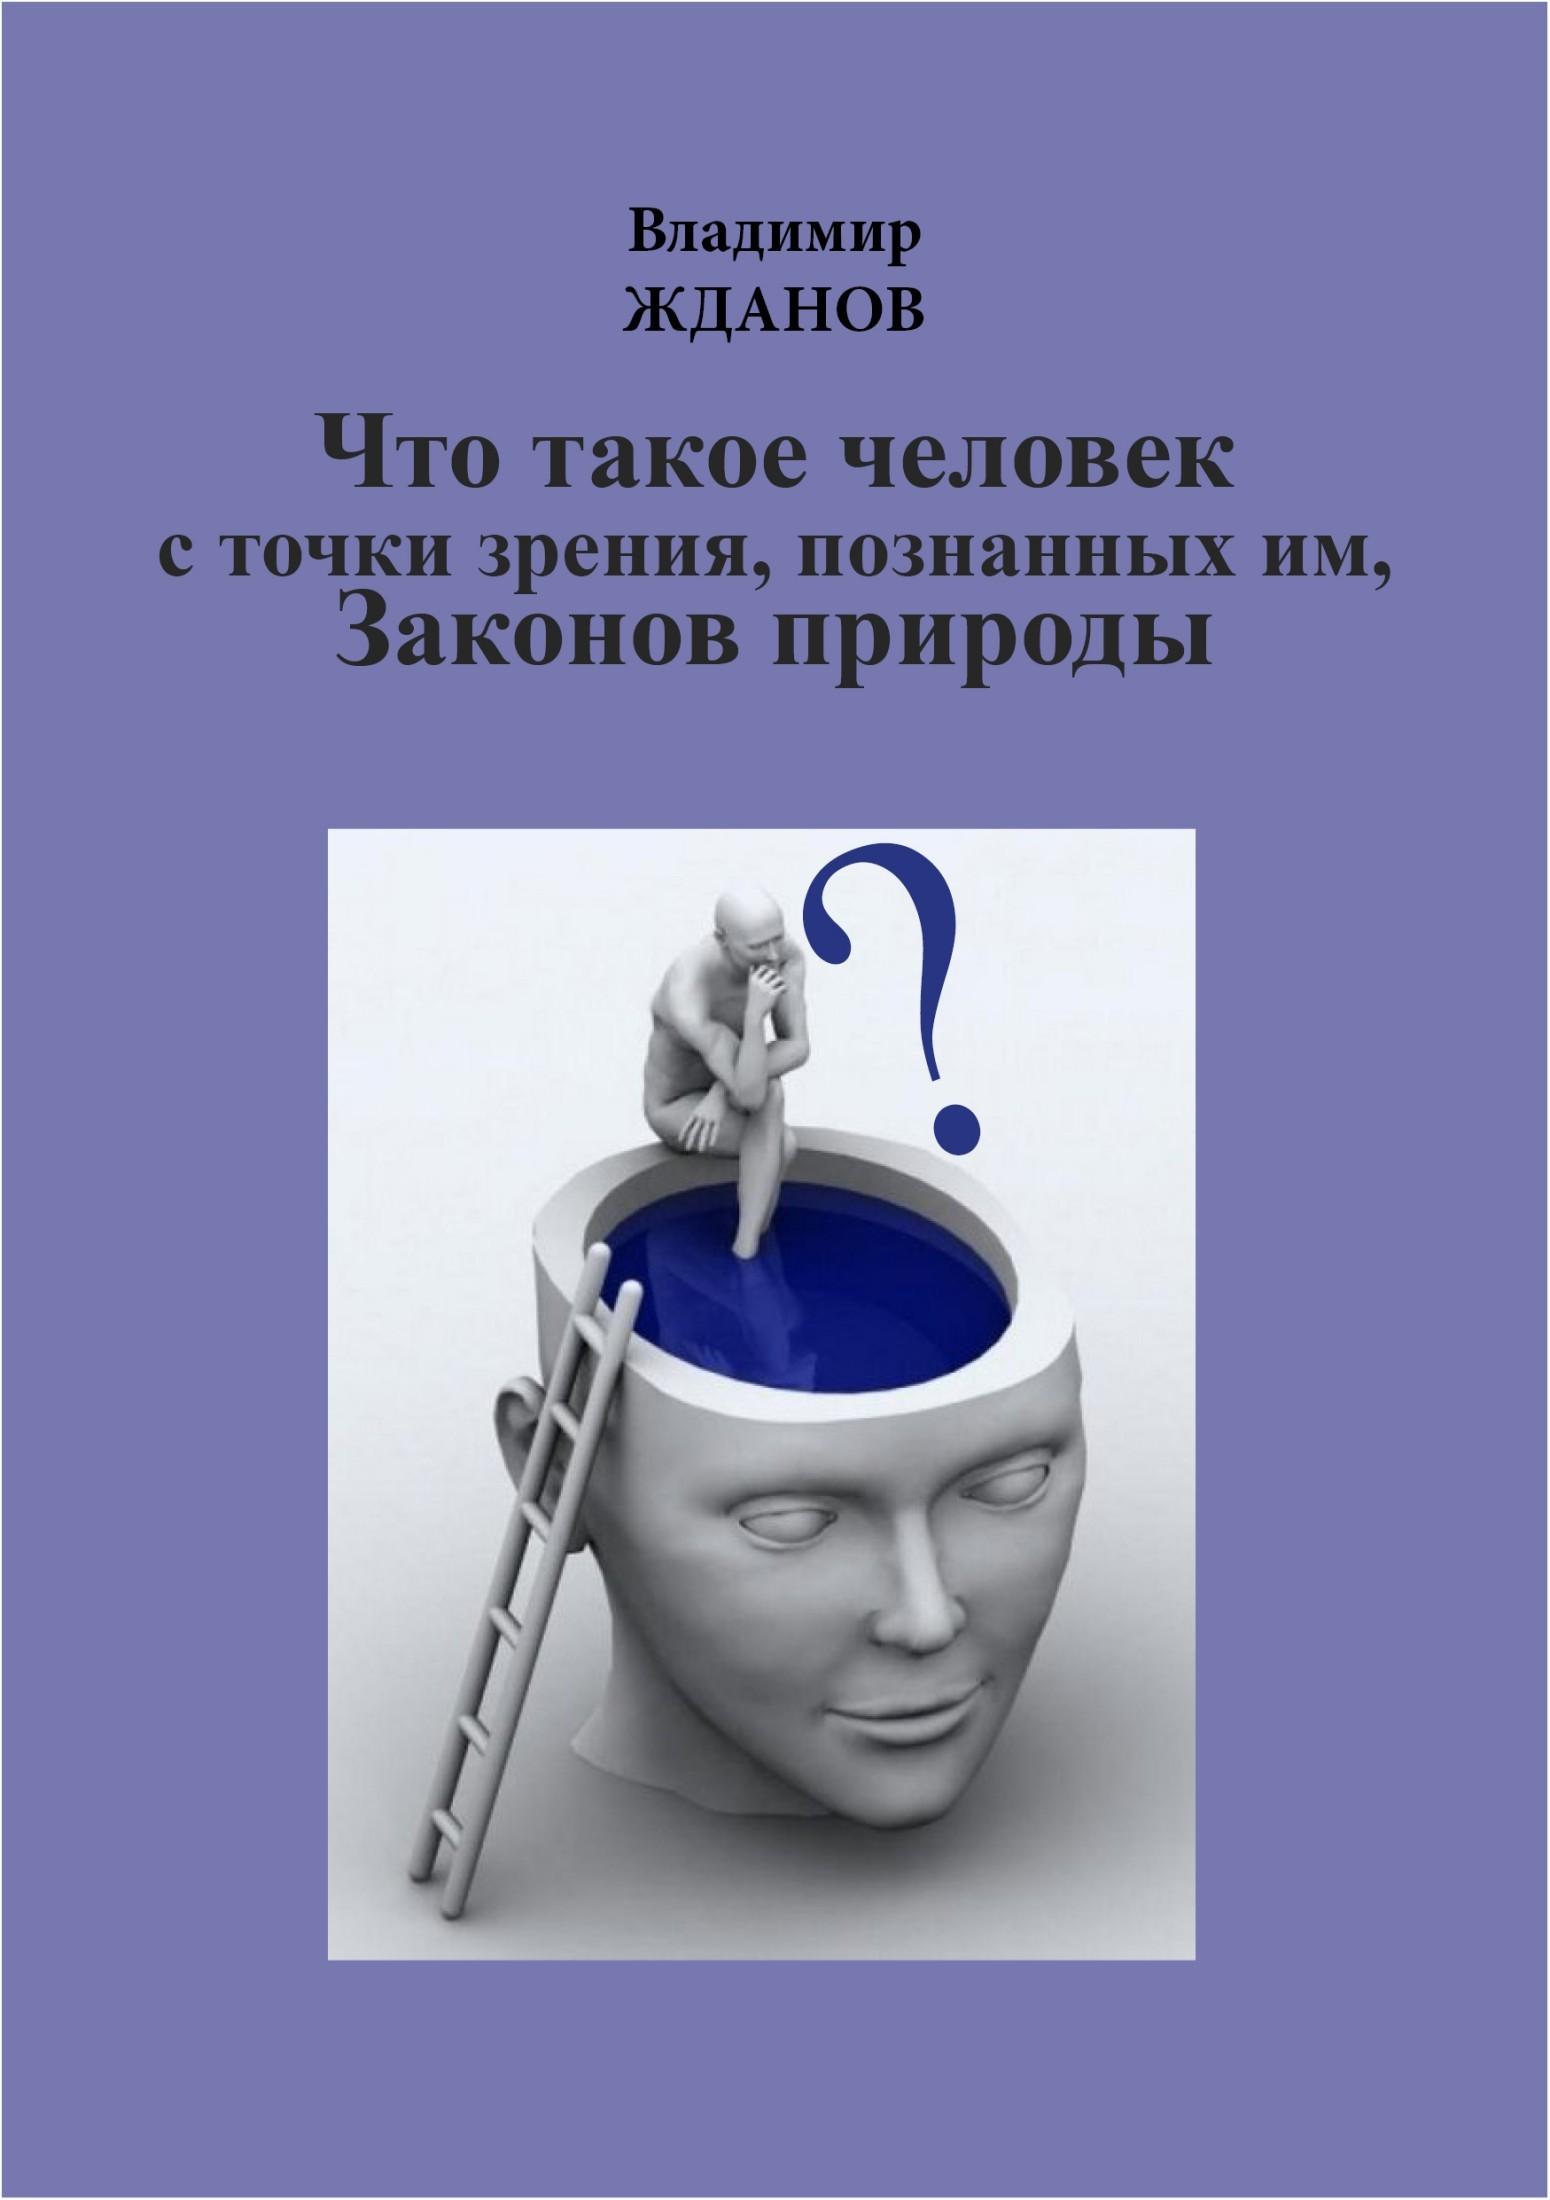 Обложка книги Что такое человек, с точки зрения познанных им Законов природы, автор Жданов, Владимир Степанович